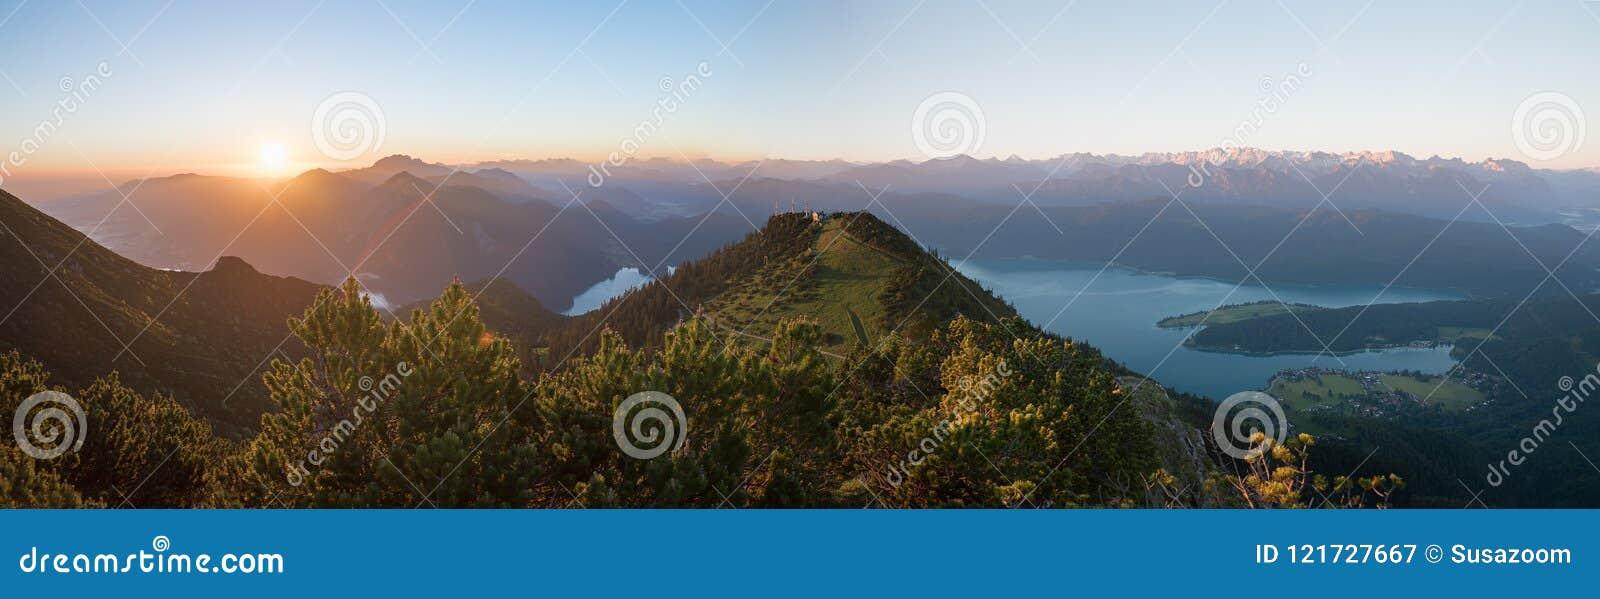 Humor de la mañana en la montaña del martinskopf, con el sol naciente y el bavari